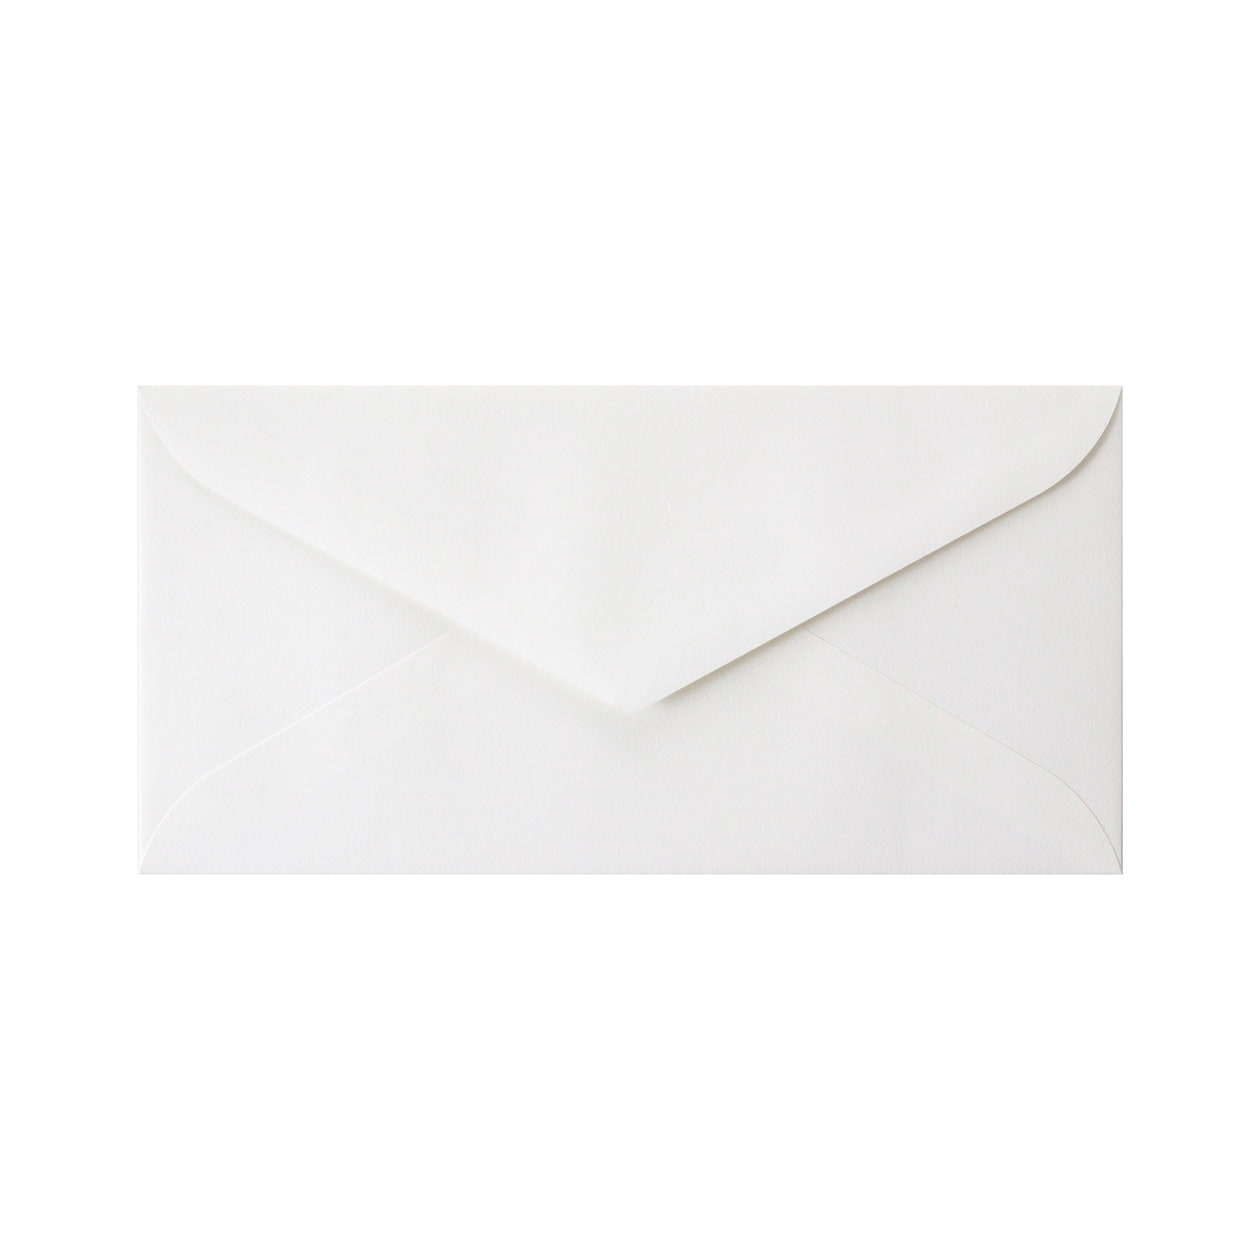 サンプル 封筒・袋 00066